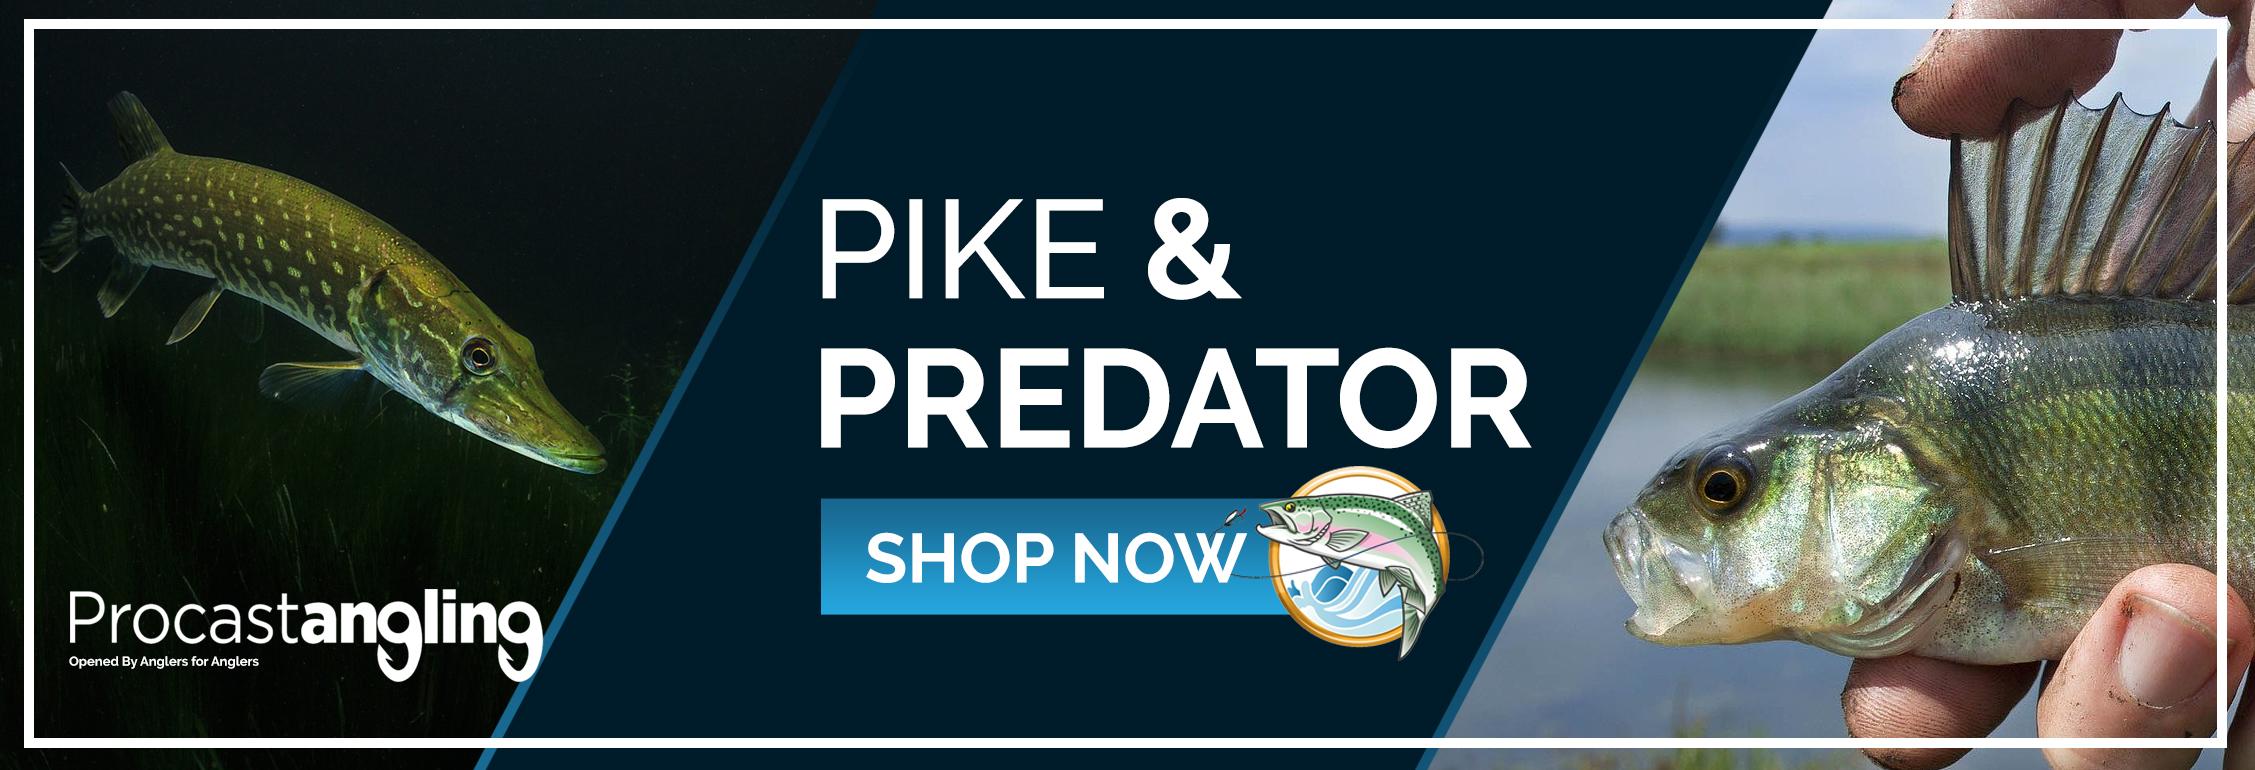 Pike & Predator